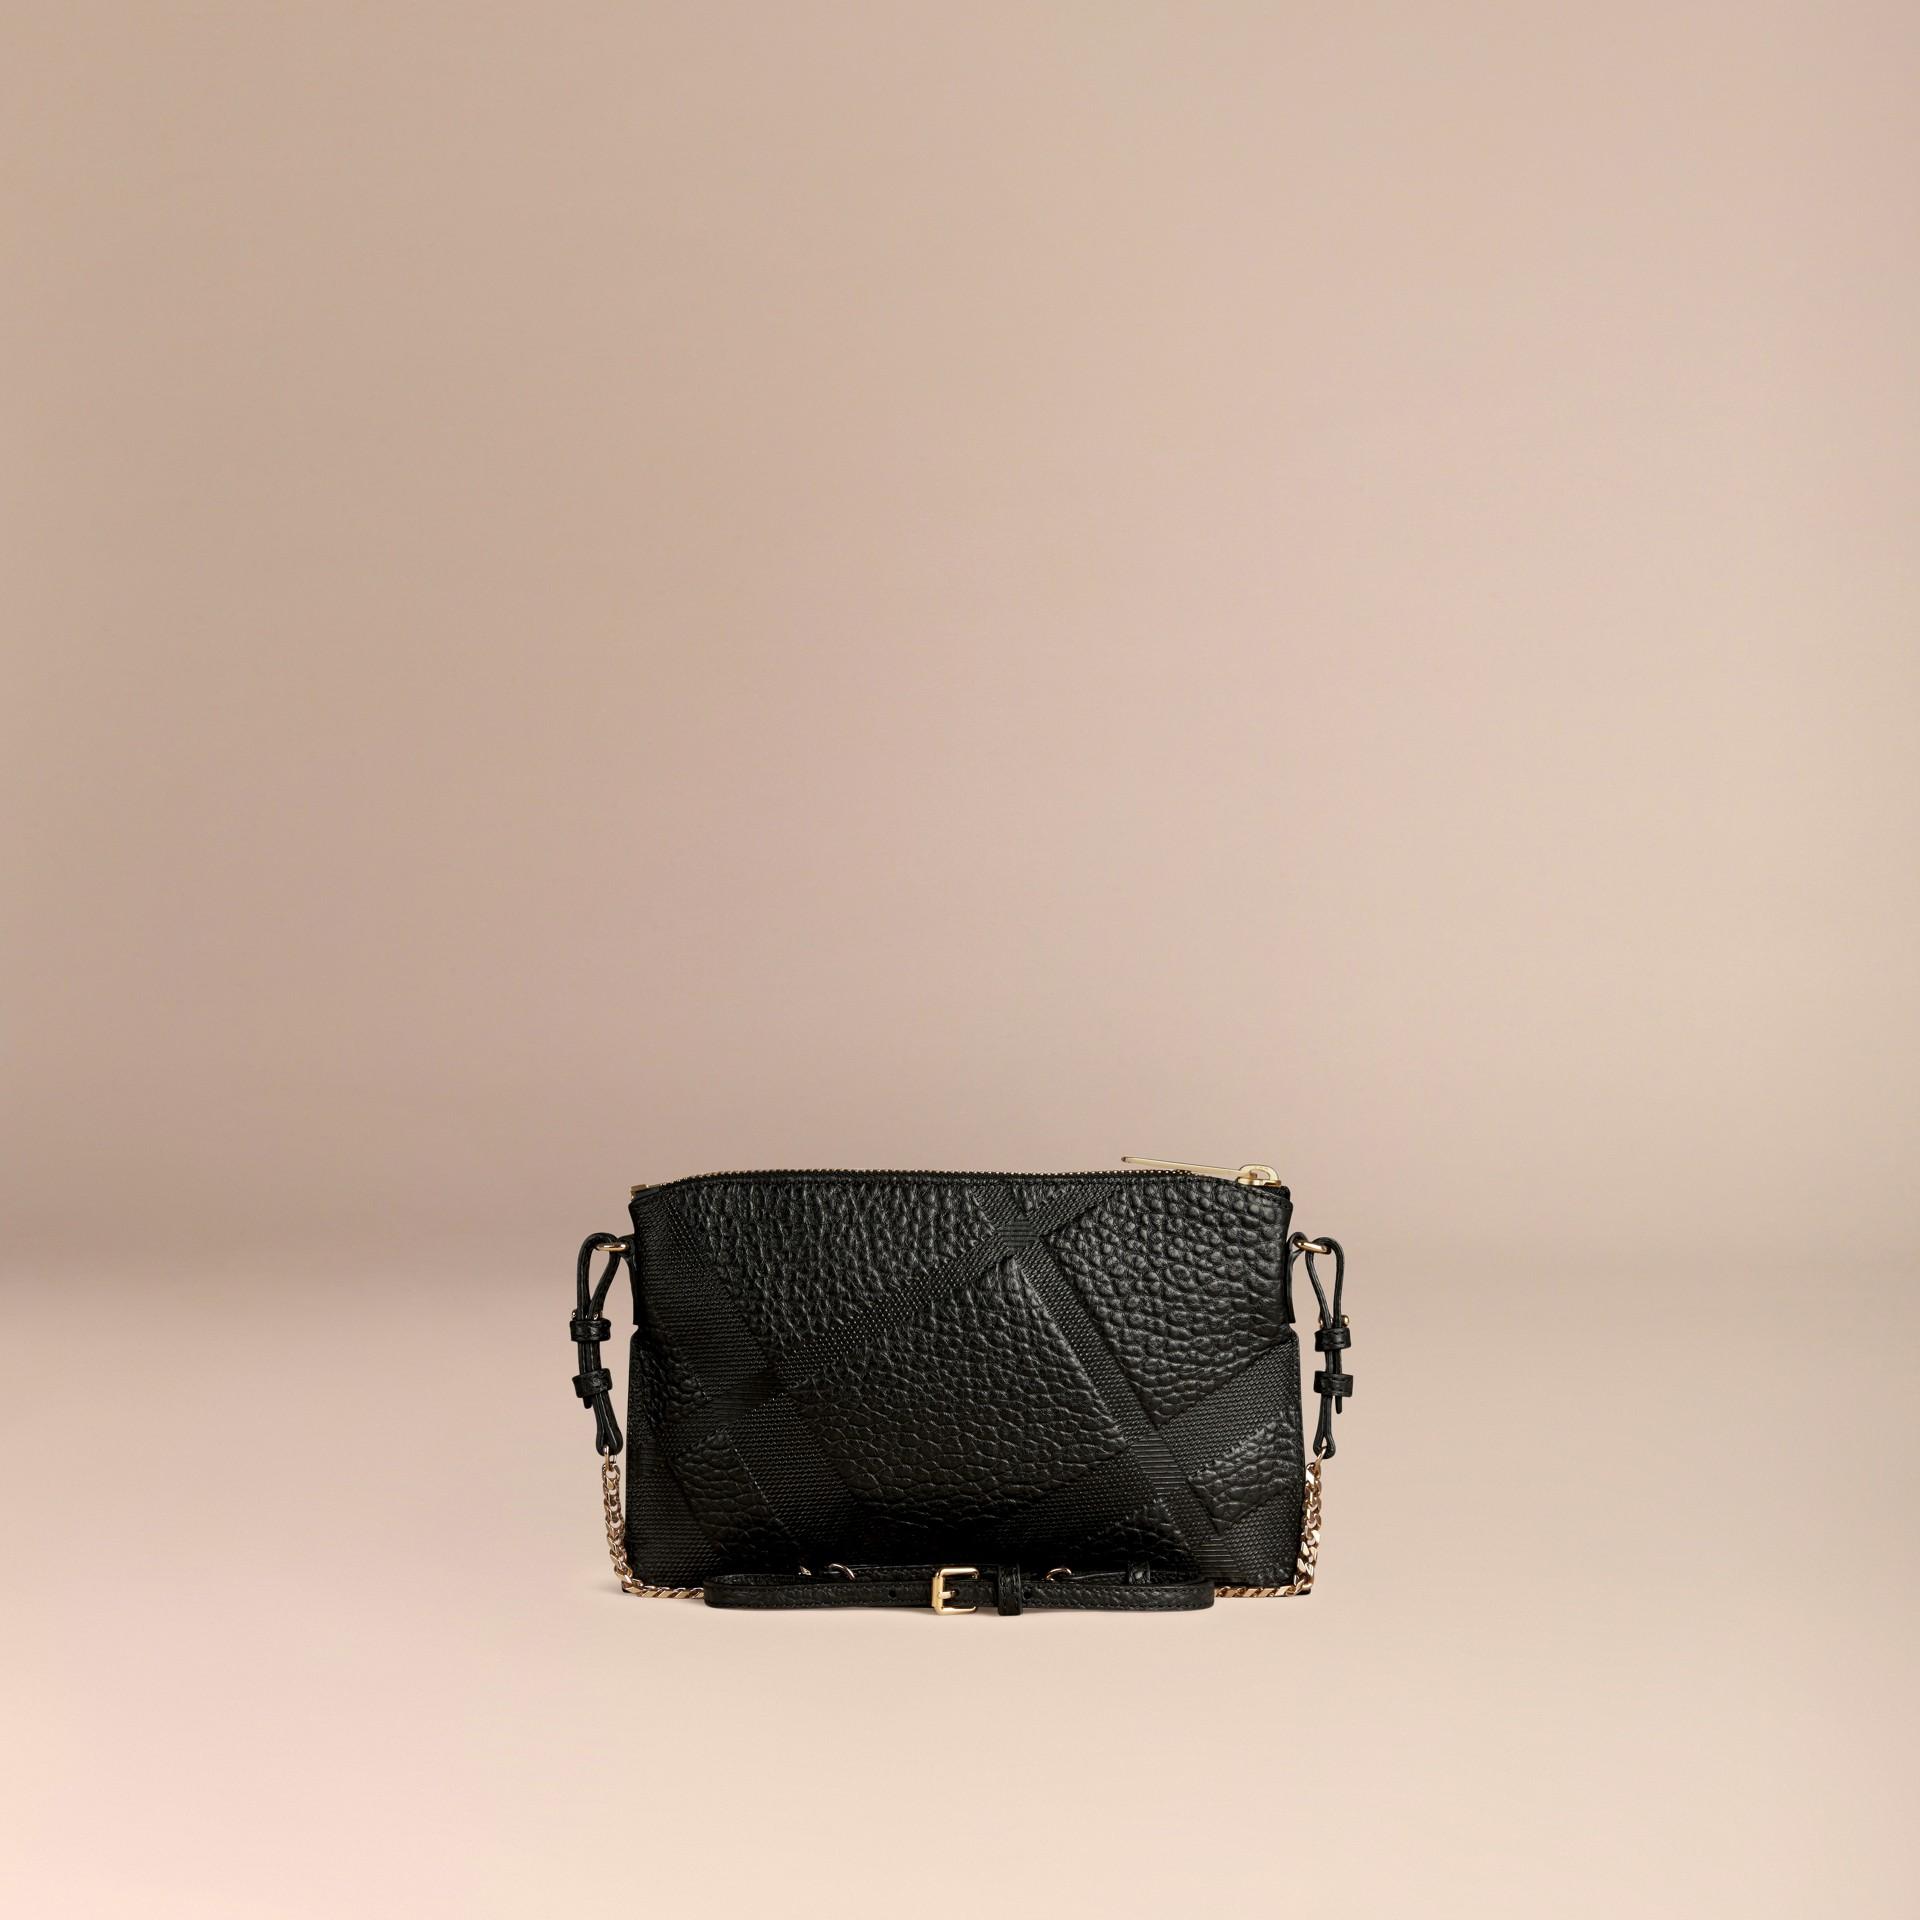 Schwarz Clutch aus Check-geprägtem Leder Schwarz - Galerie-Bild 4